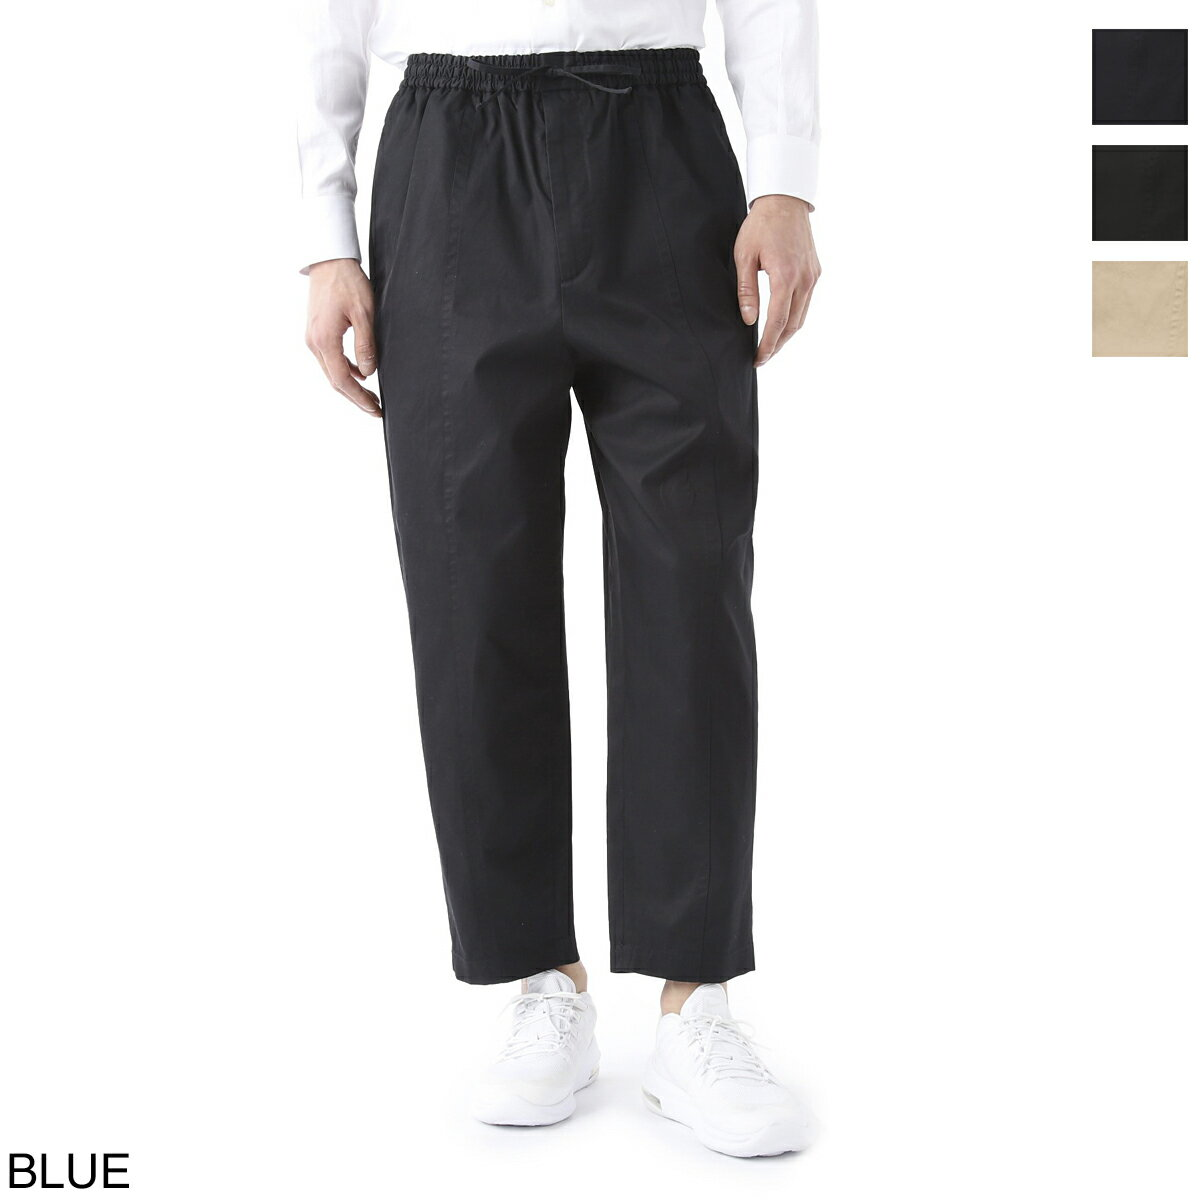 メンズファッション, ズボン・パンツ  JIL SANDER jsms311418 ms243800 4012021SS